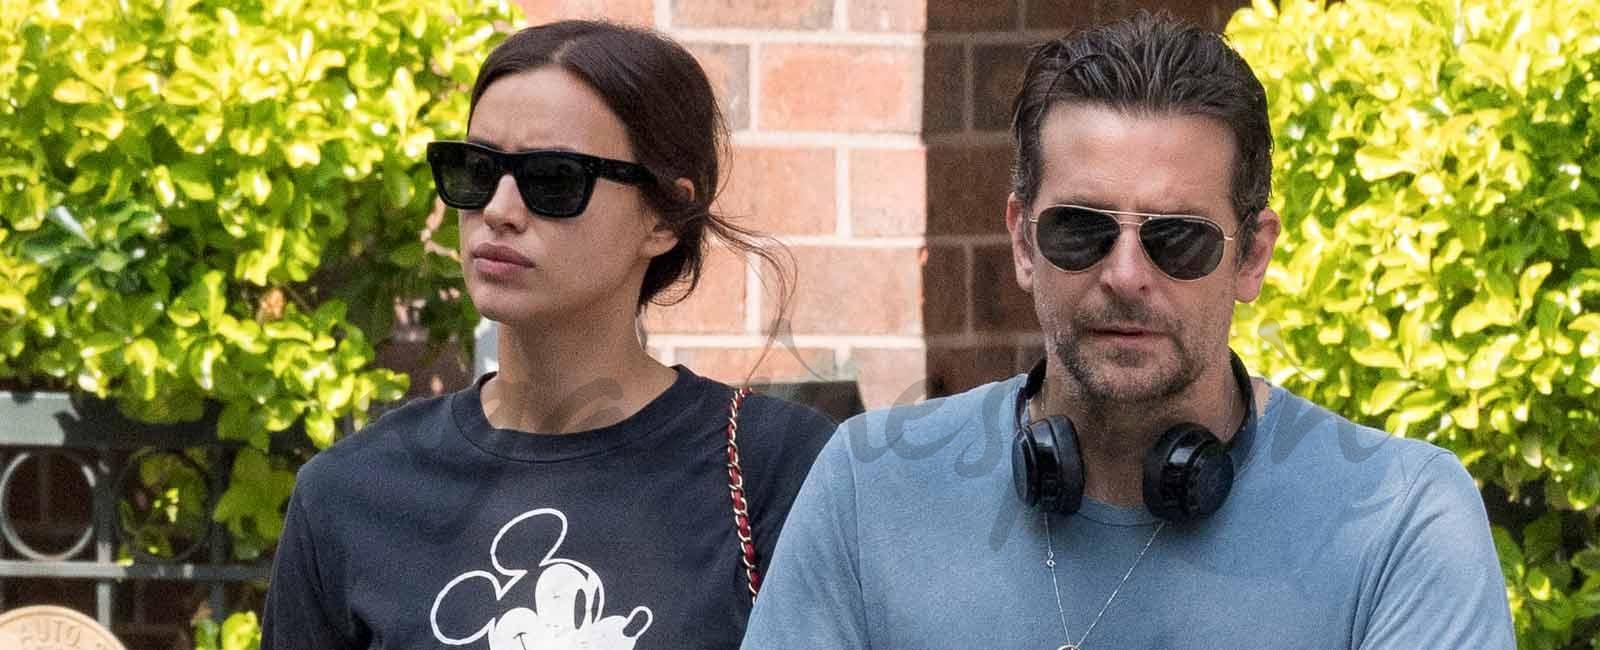 Irina Shayk y Bradley Cooper, de paseo con la pequeña Lea